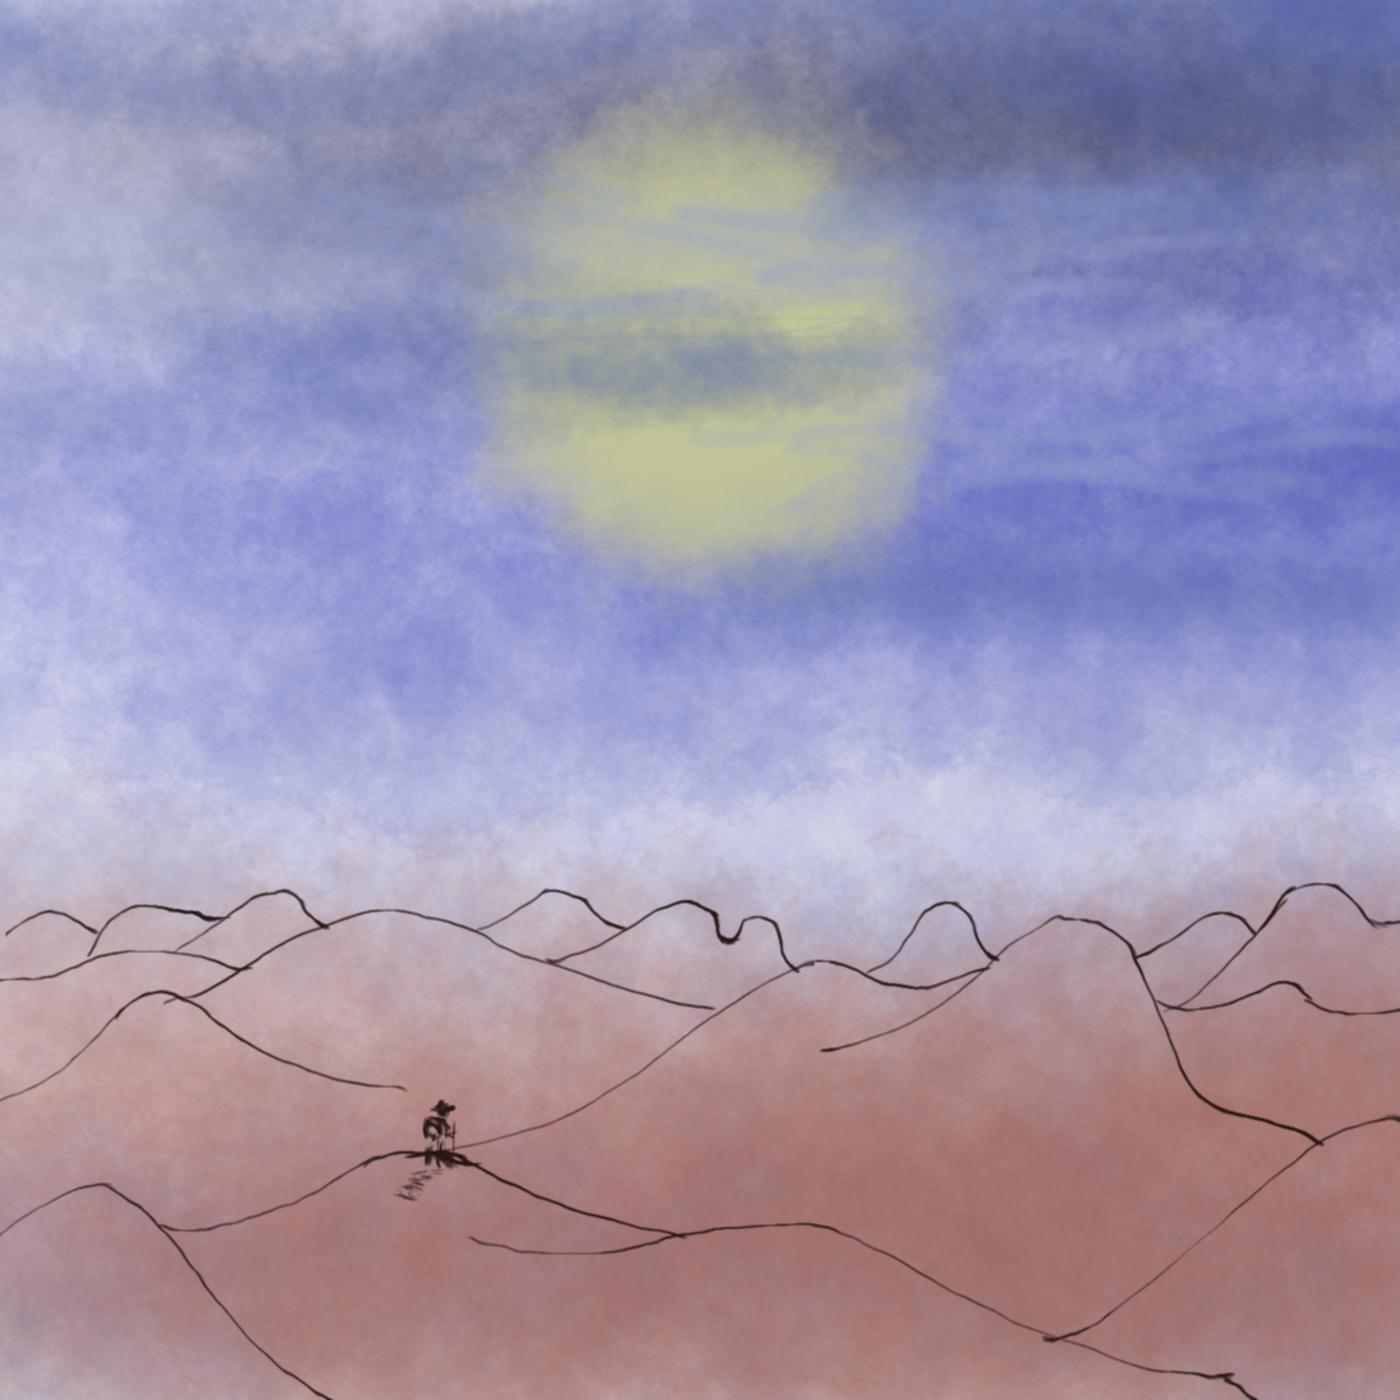 Sun and explorer